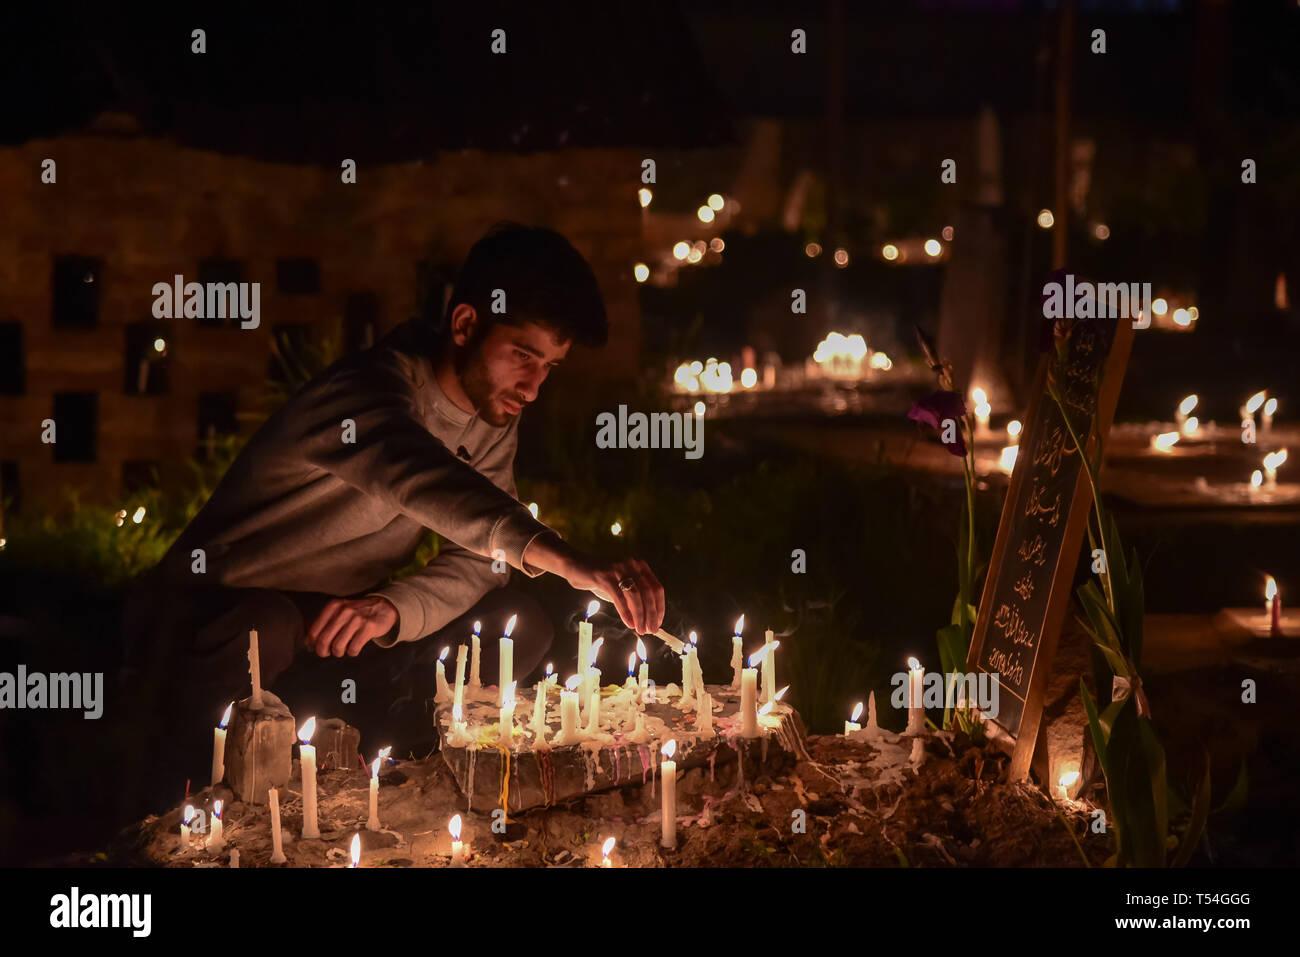 Srinagar, India  20th Apr, 2019  A Kashmiri Shia Muslim man